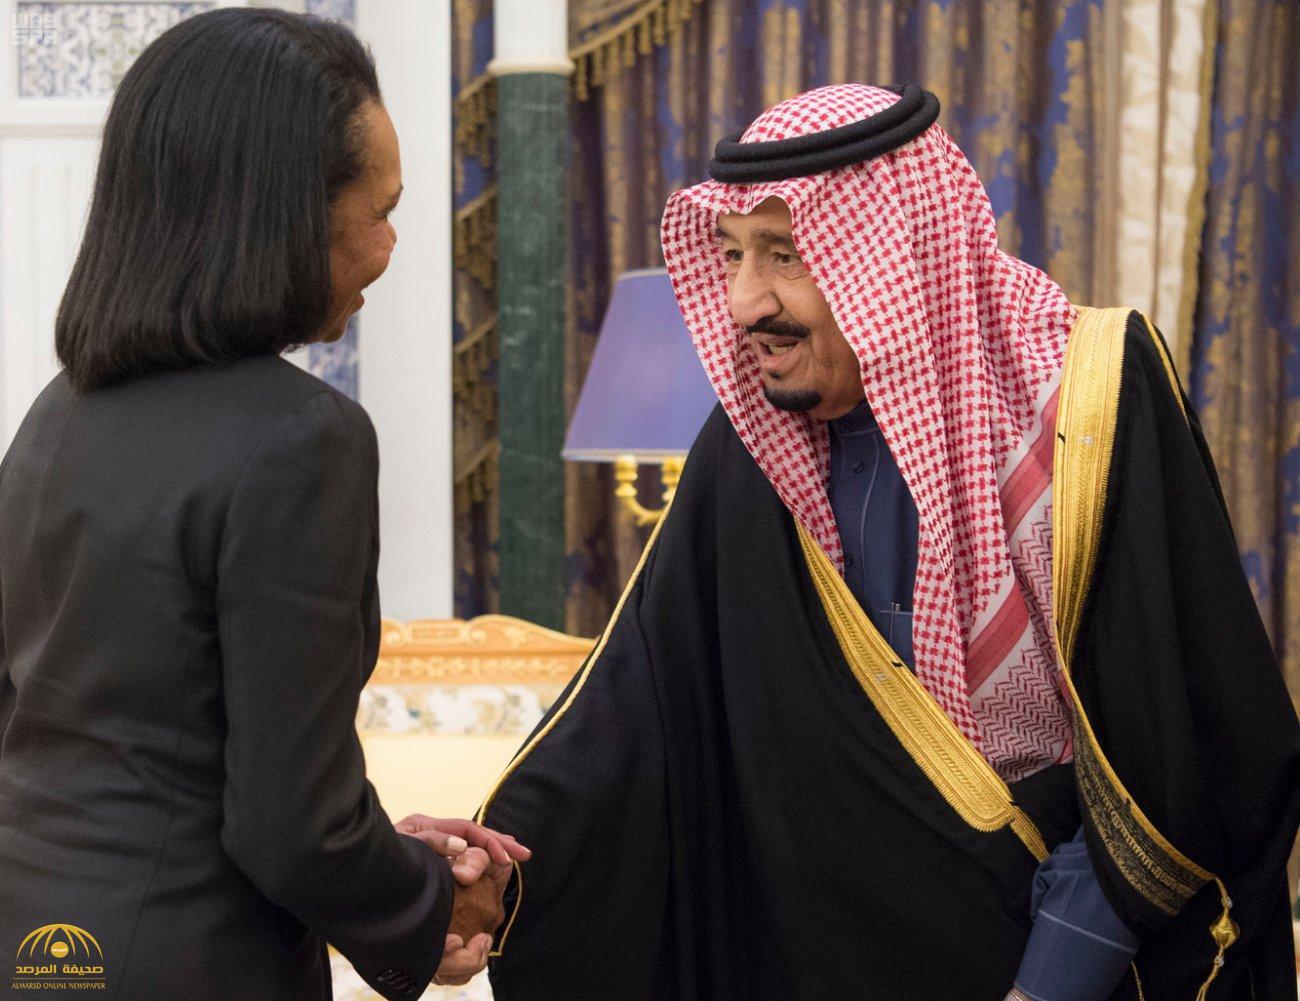 """بالصور:خادم الحرمين يستقبل وزيرة الخارجية الأمريكية الأسبق """"كونداليزا رايس"""""""